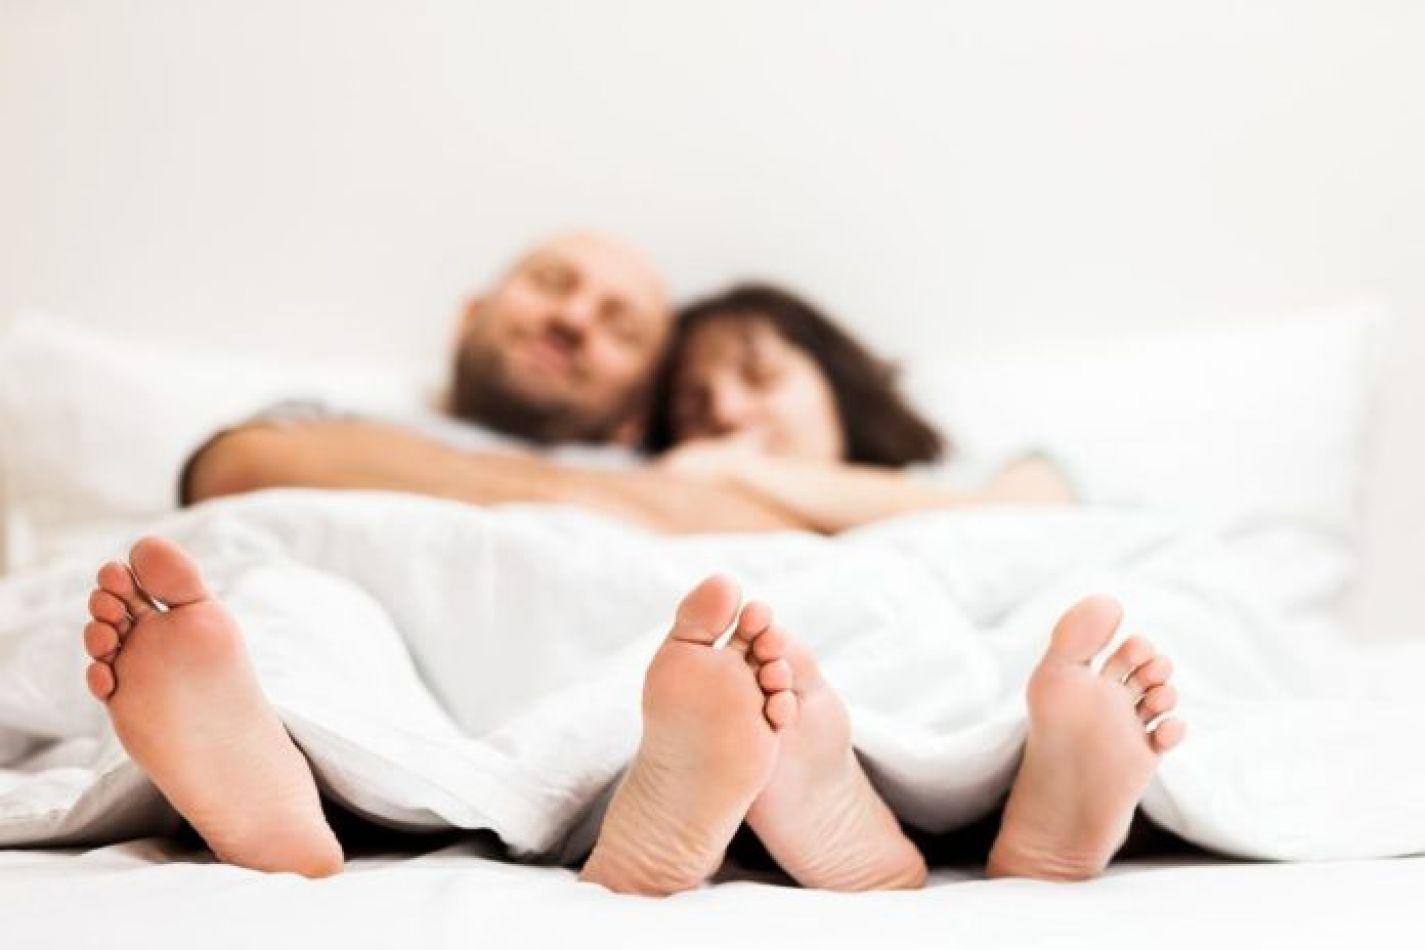 Las relaciones sexuales frecuentes retrasan la menopausia